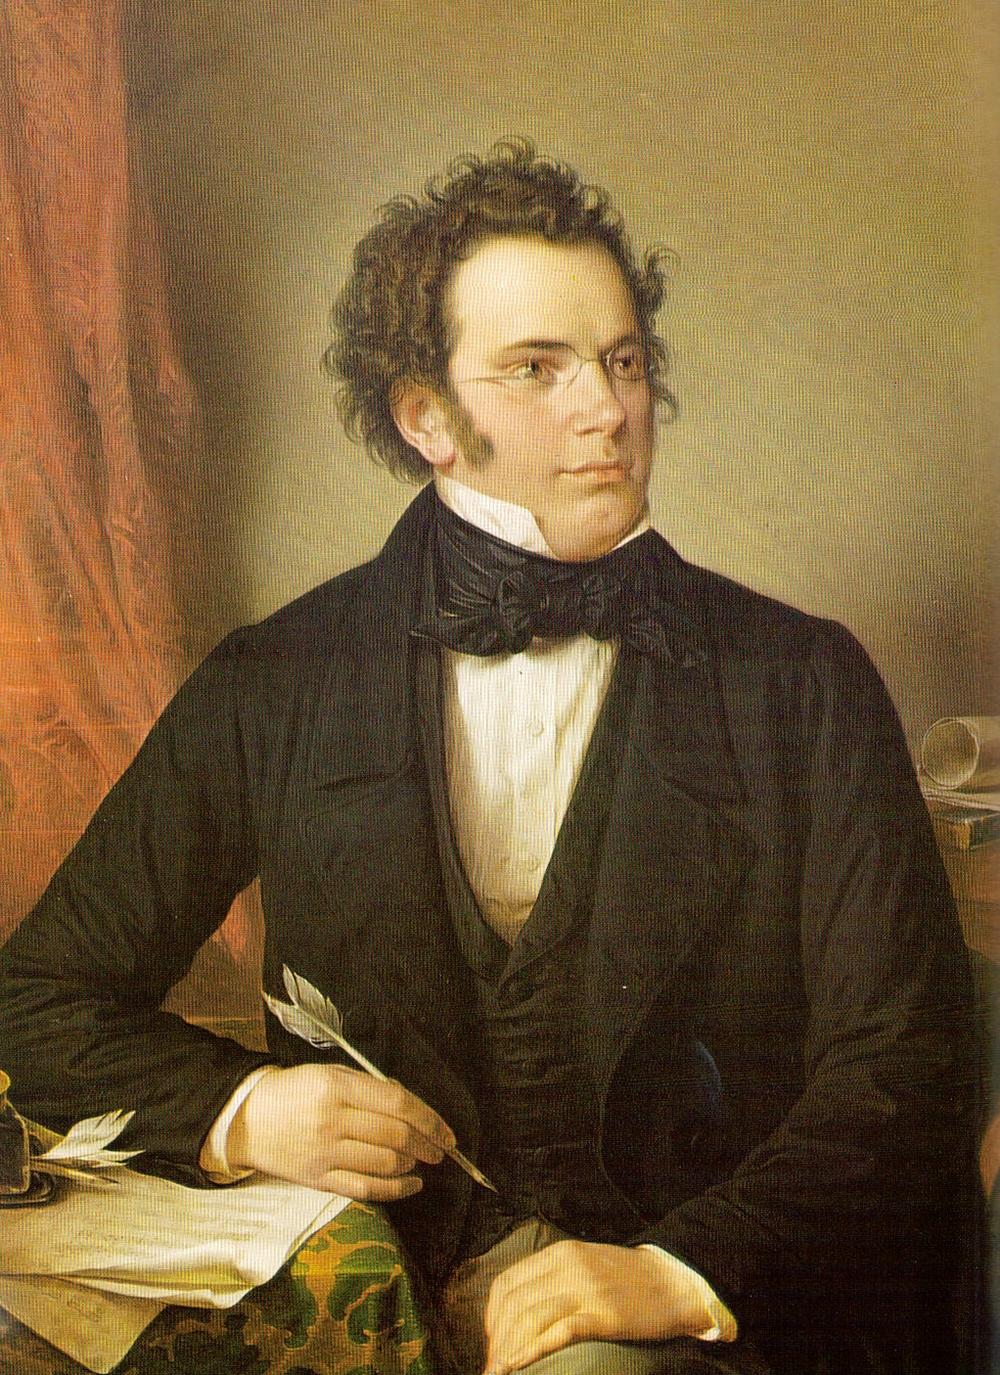 Welcome to Music Wonderland: 舒伯特 Franz Schubert